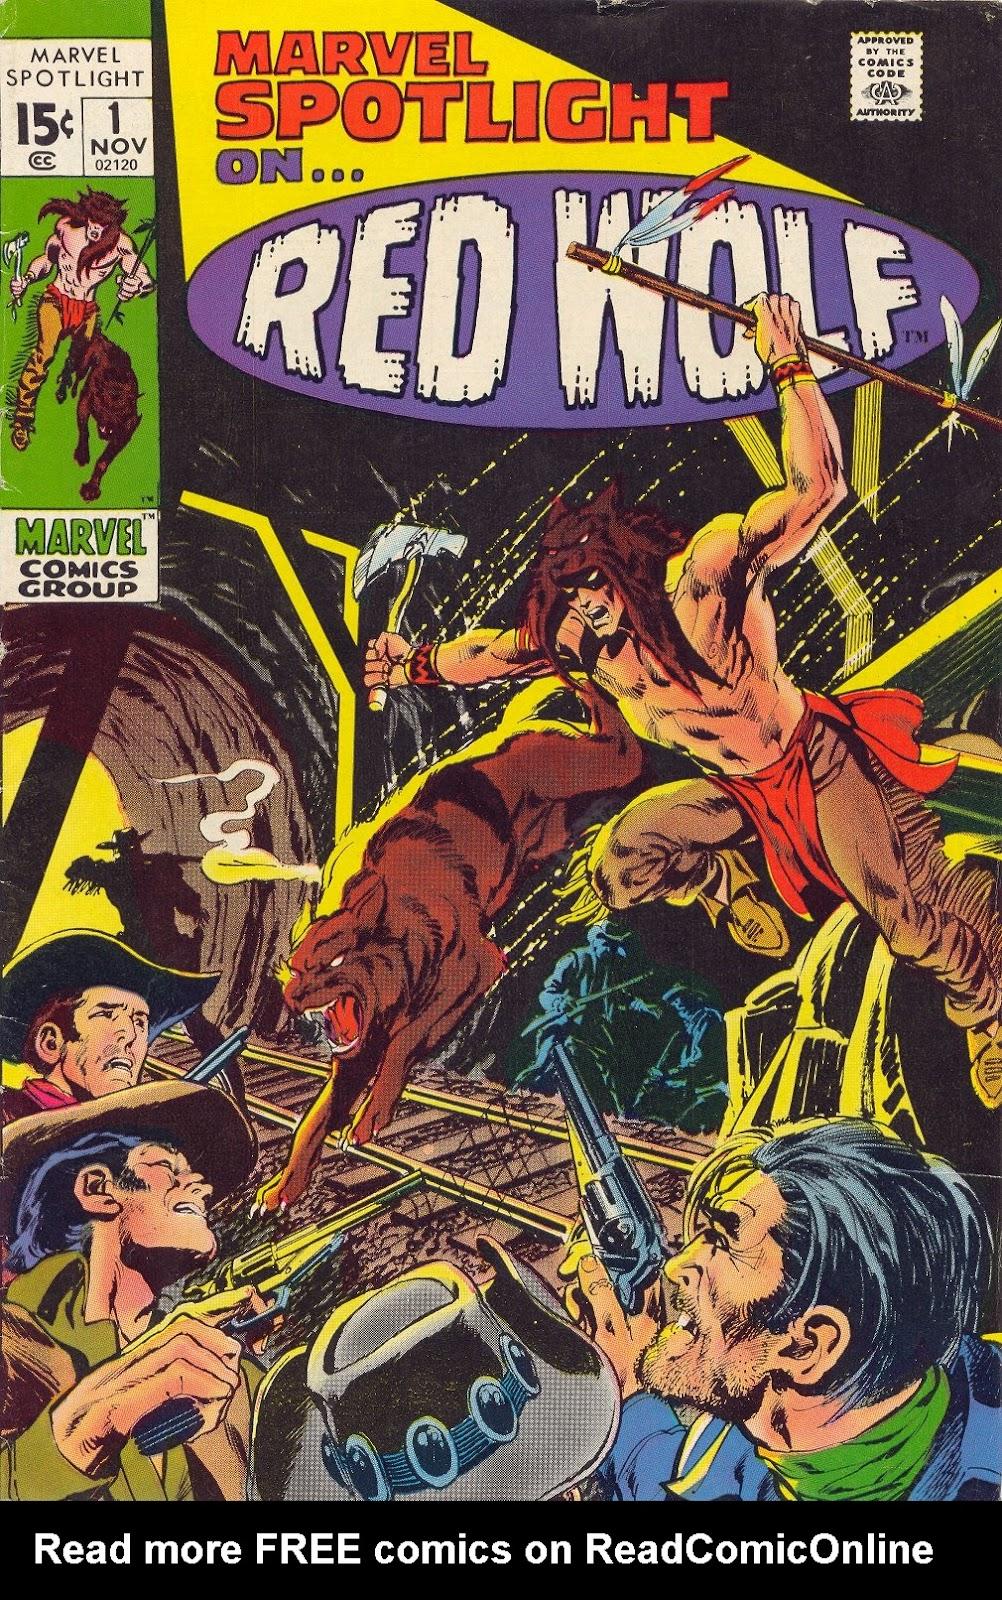 Marvel Spotlight (1971) issue 1 - Page 1